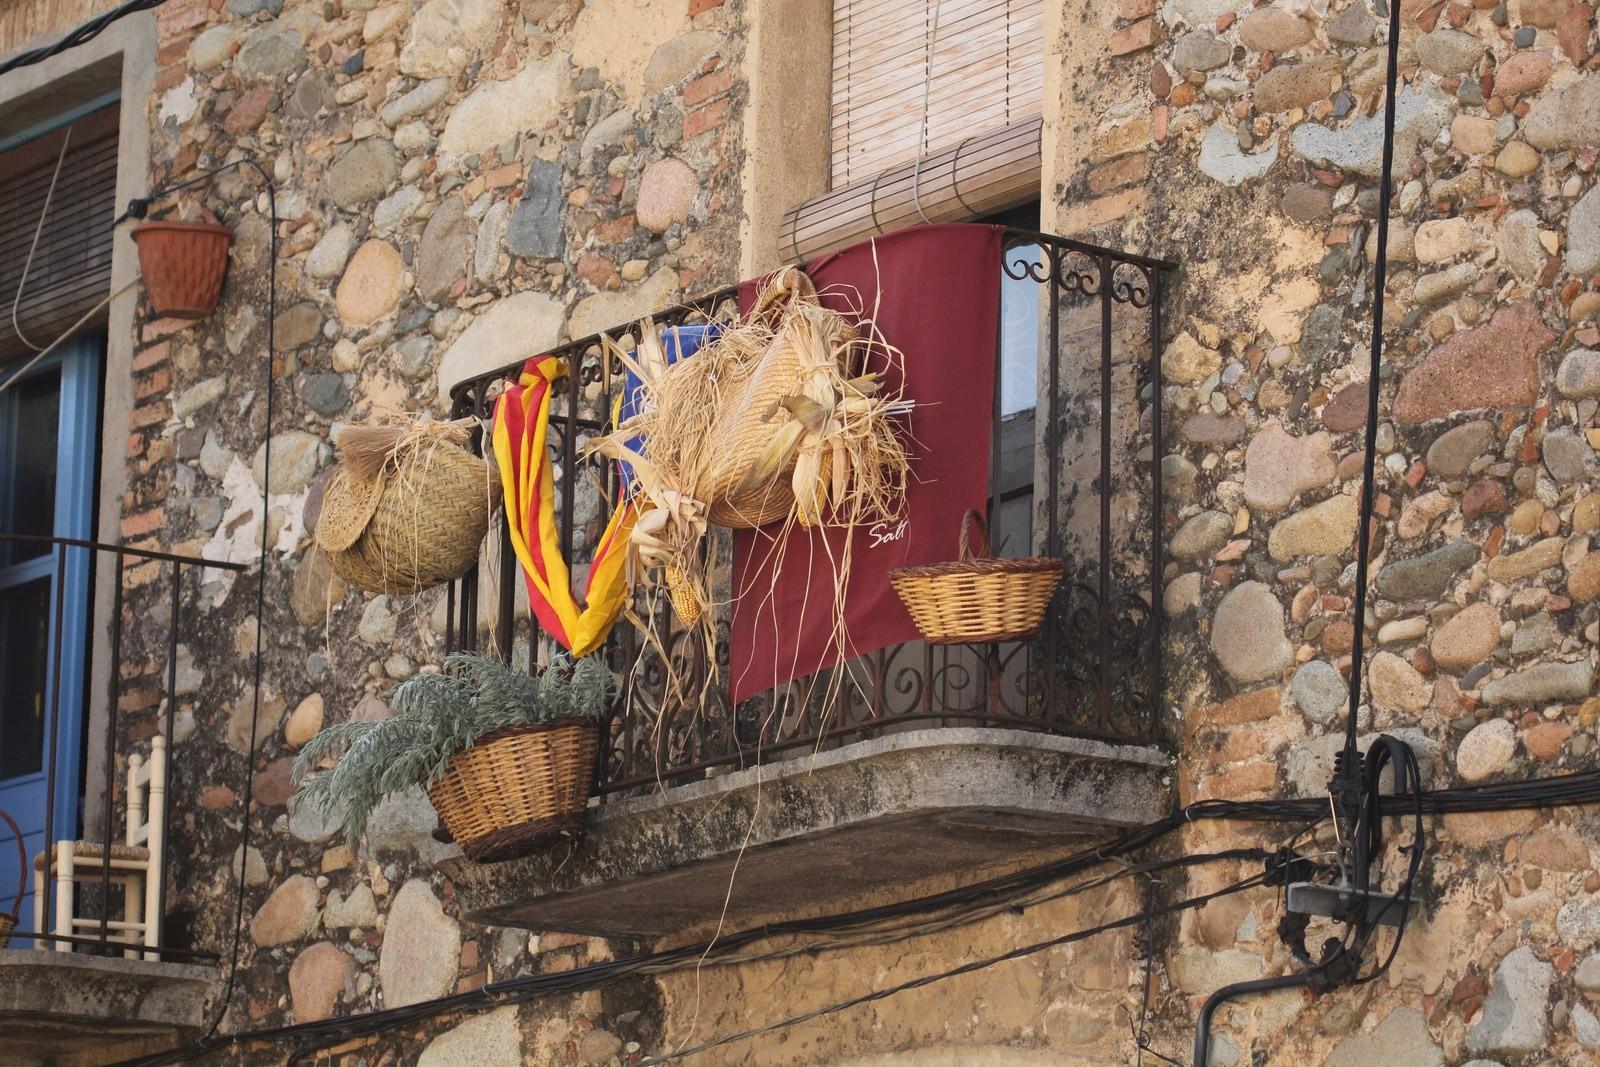 La ville s'est parée de ces couleurs catalanes et de vanneries locales